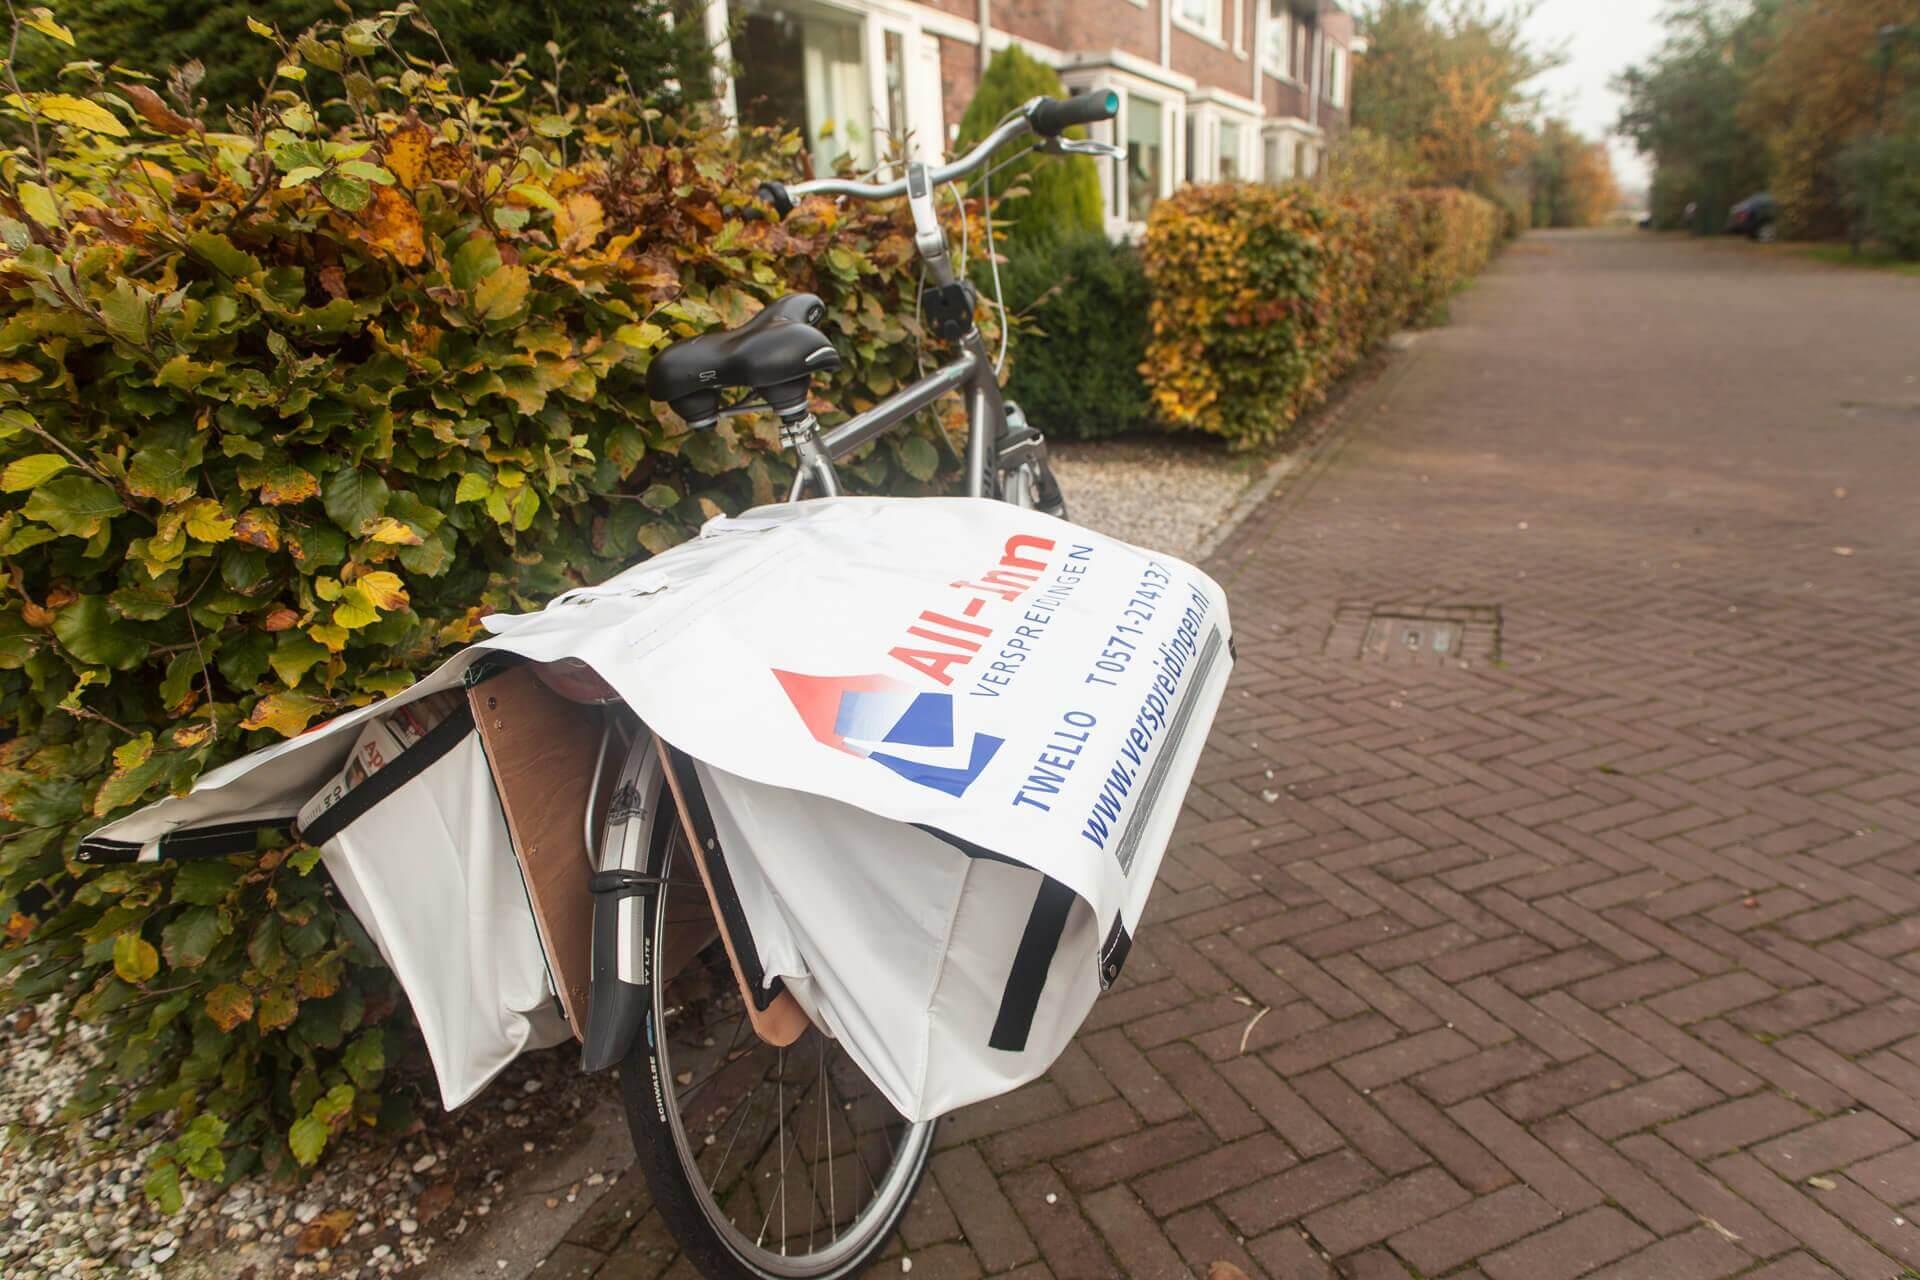 krantenwijk aanmelden bezorgers